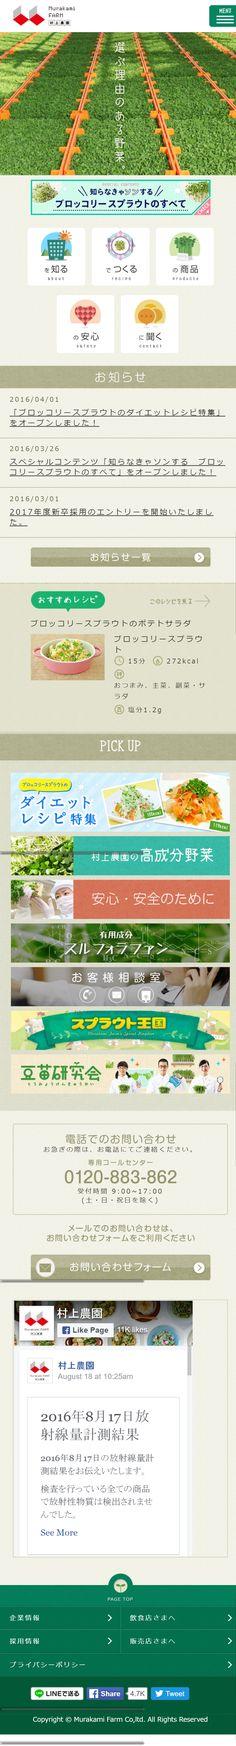 村上農園ホームページ